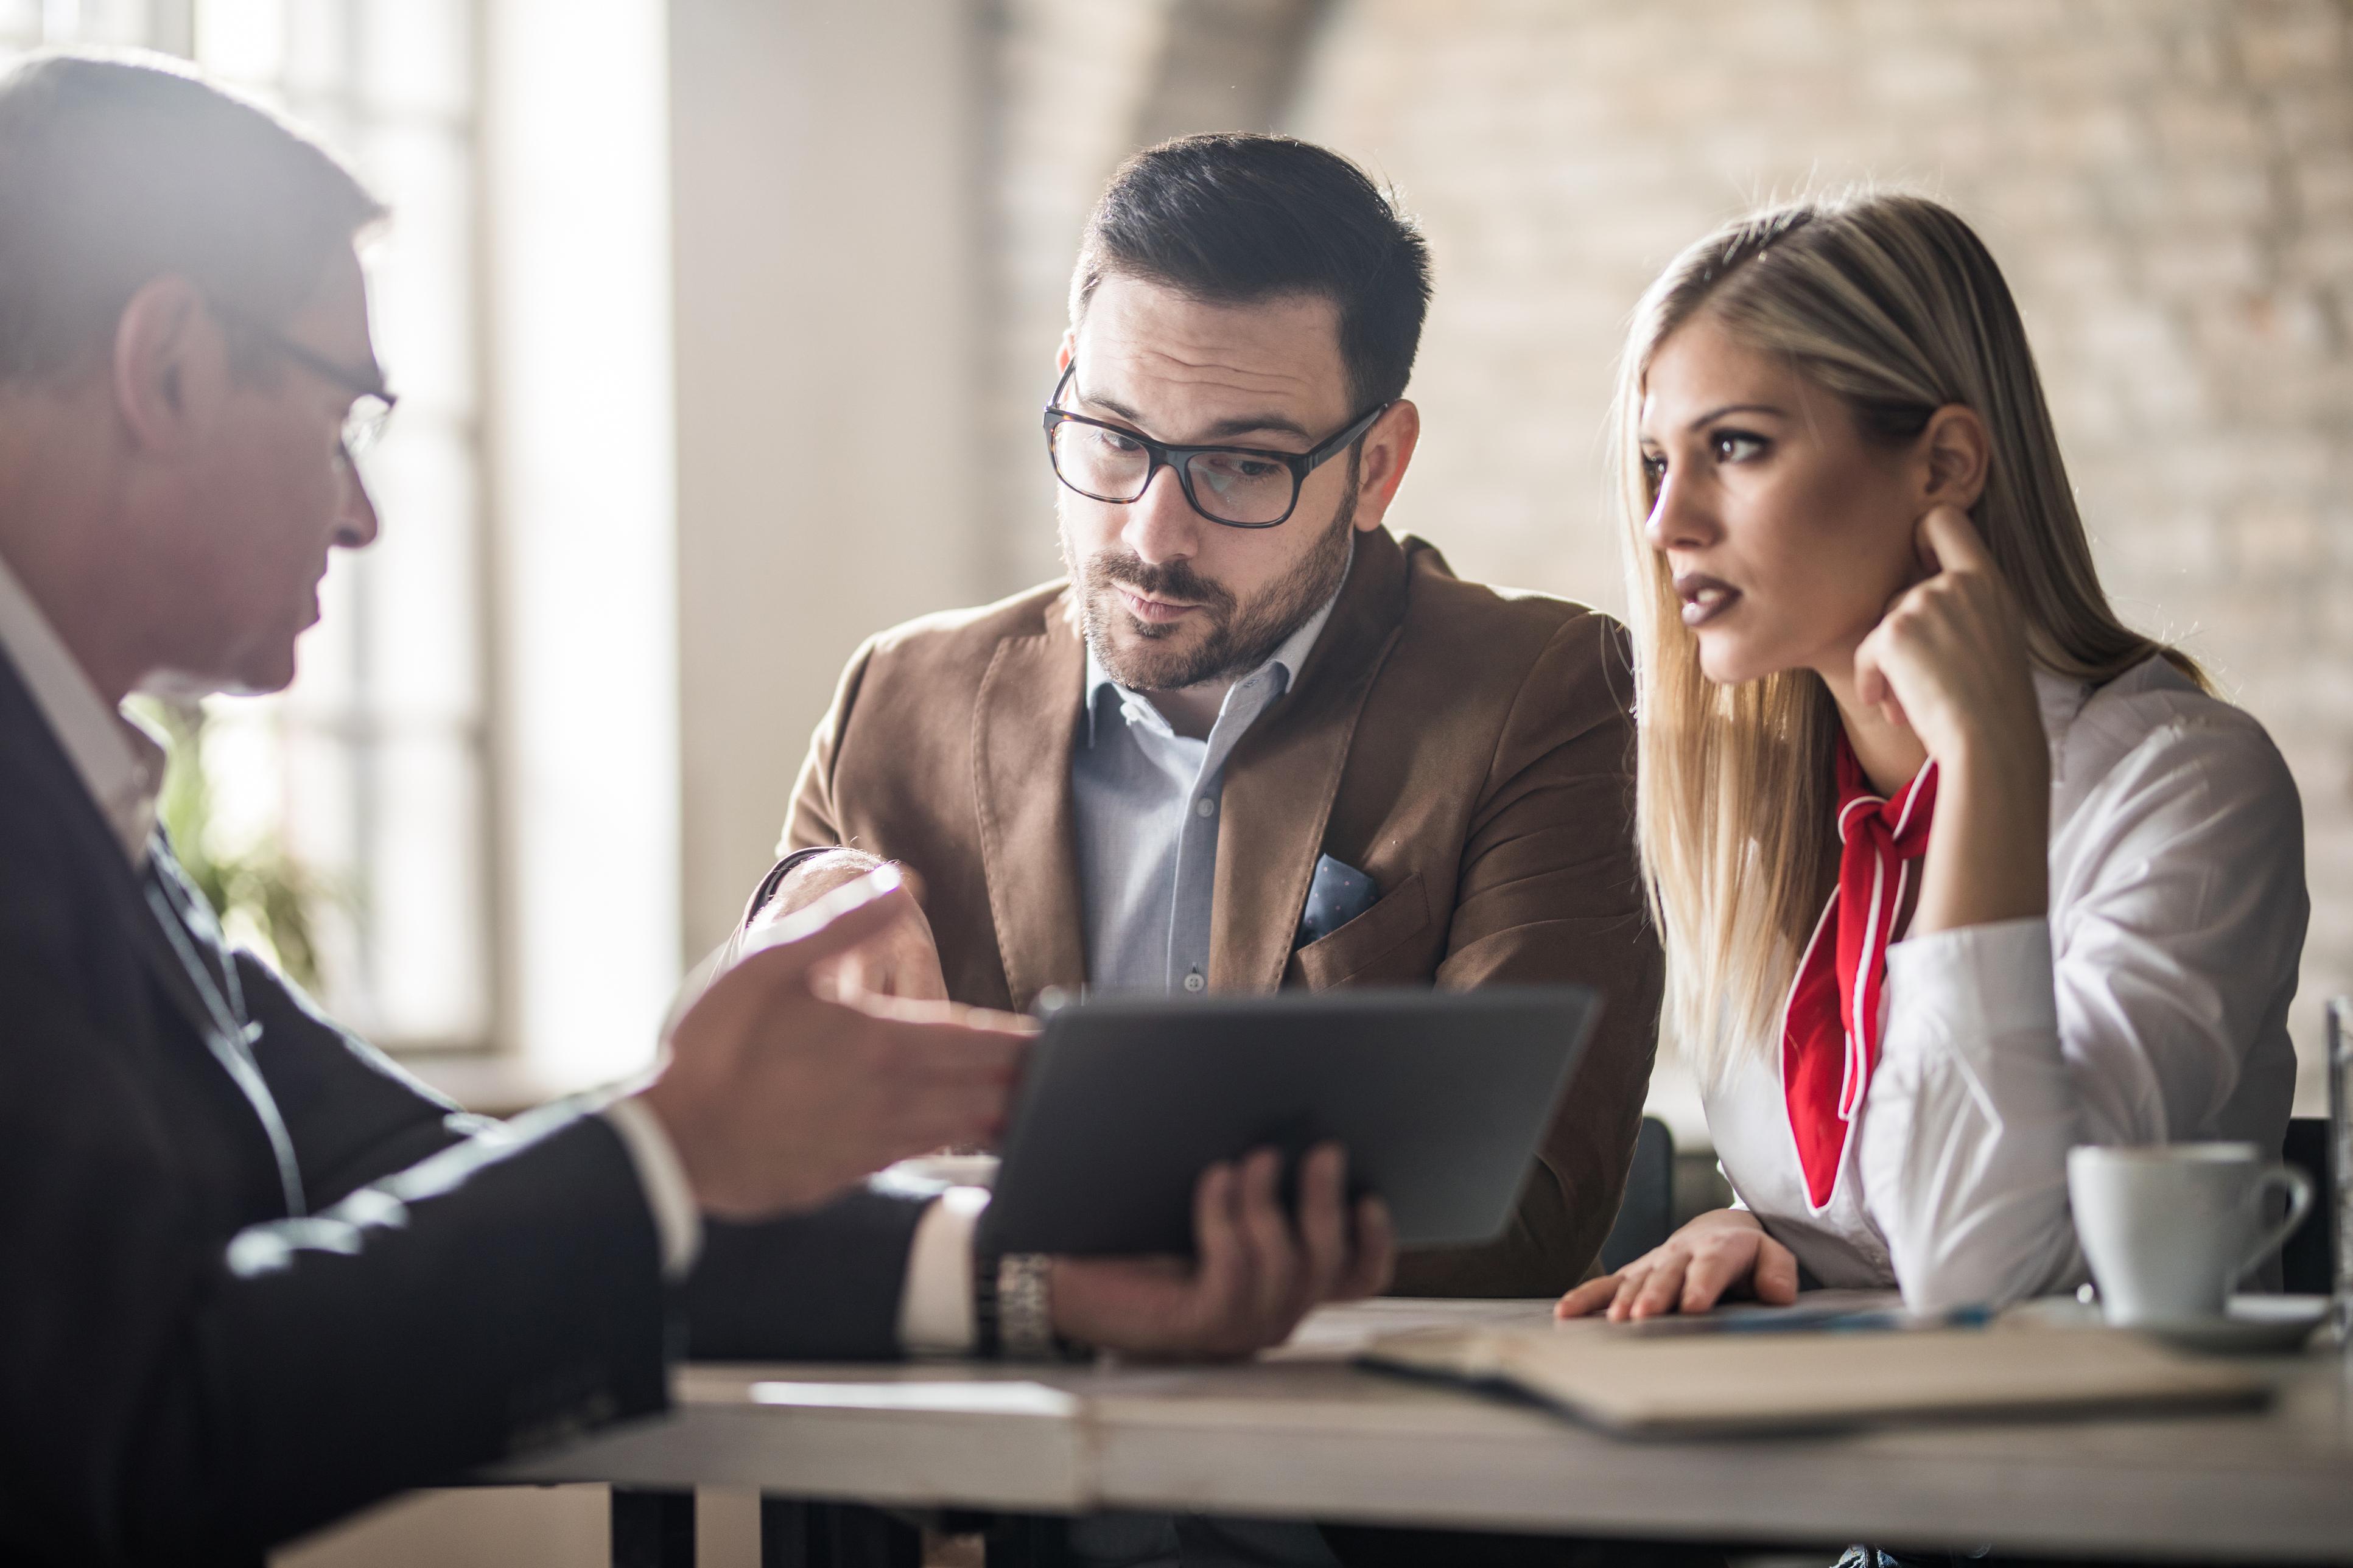 Vale a pena ou não recorrer a um empréstimo pessoal para organizar sua vida financeira?